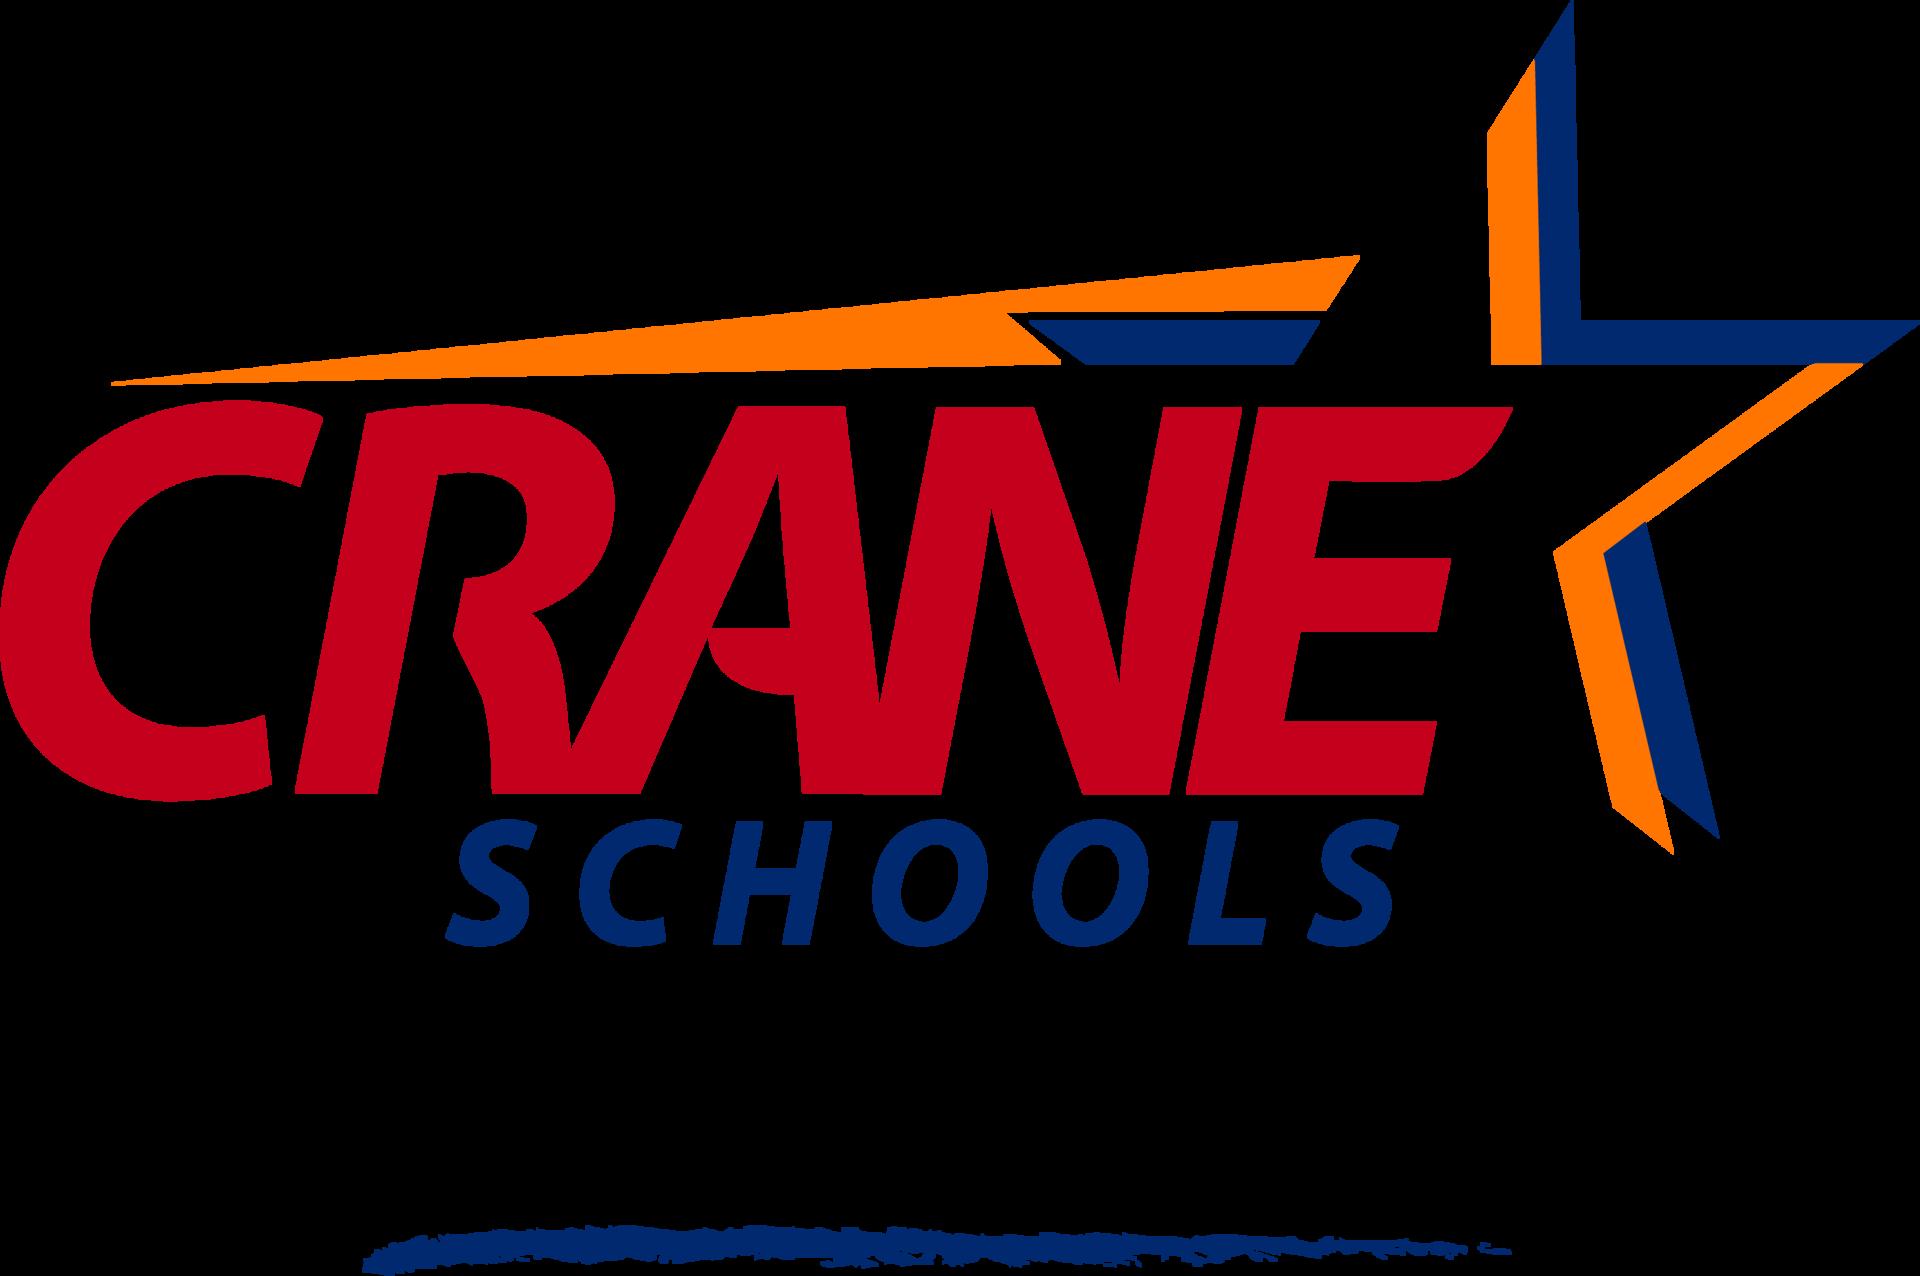 Crane Schools Logo